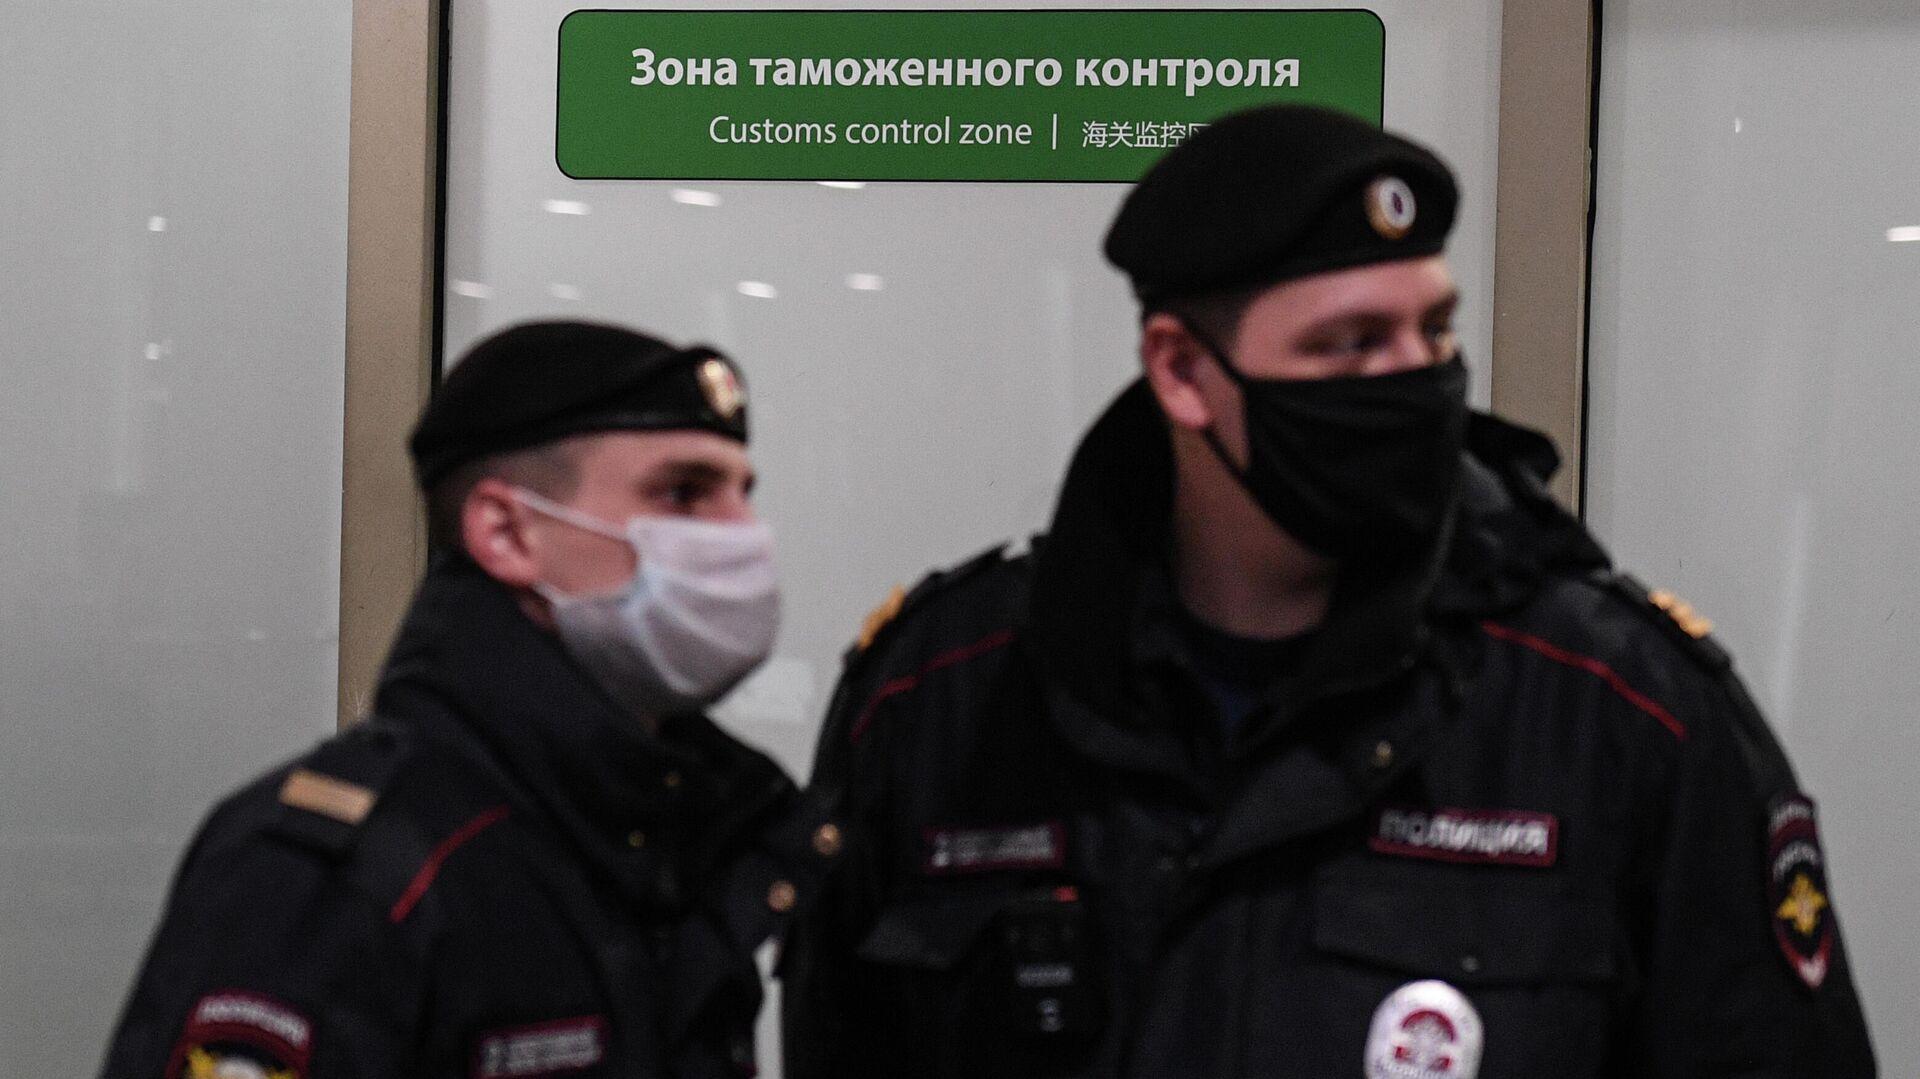 Сотрудники полиции у зоны таможенного контроля в терминале F Международного аэропорта Шереметьево - РИА Новости, 1920, 13.12.2020